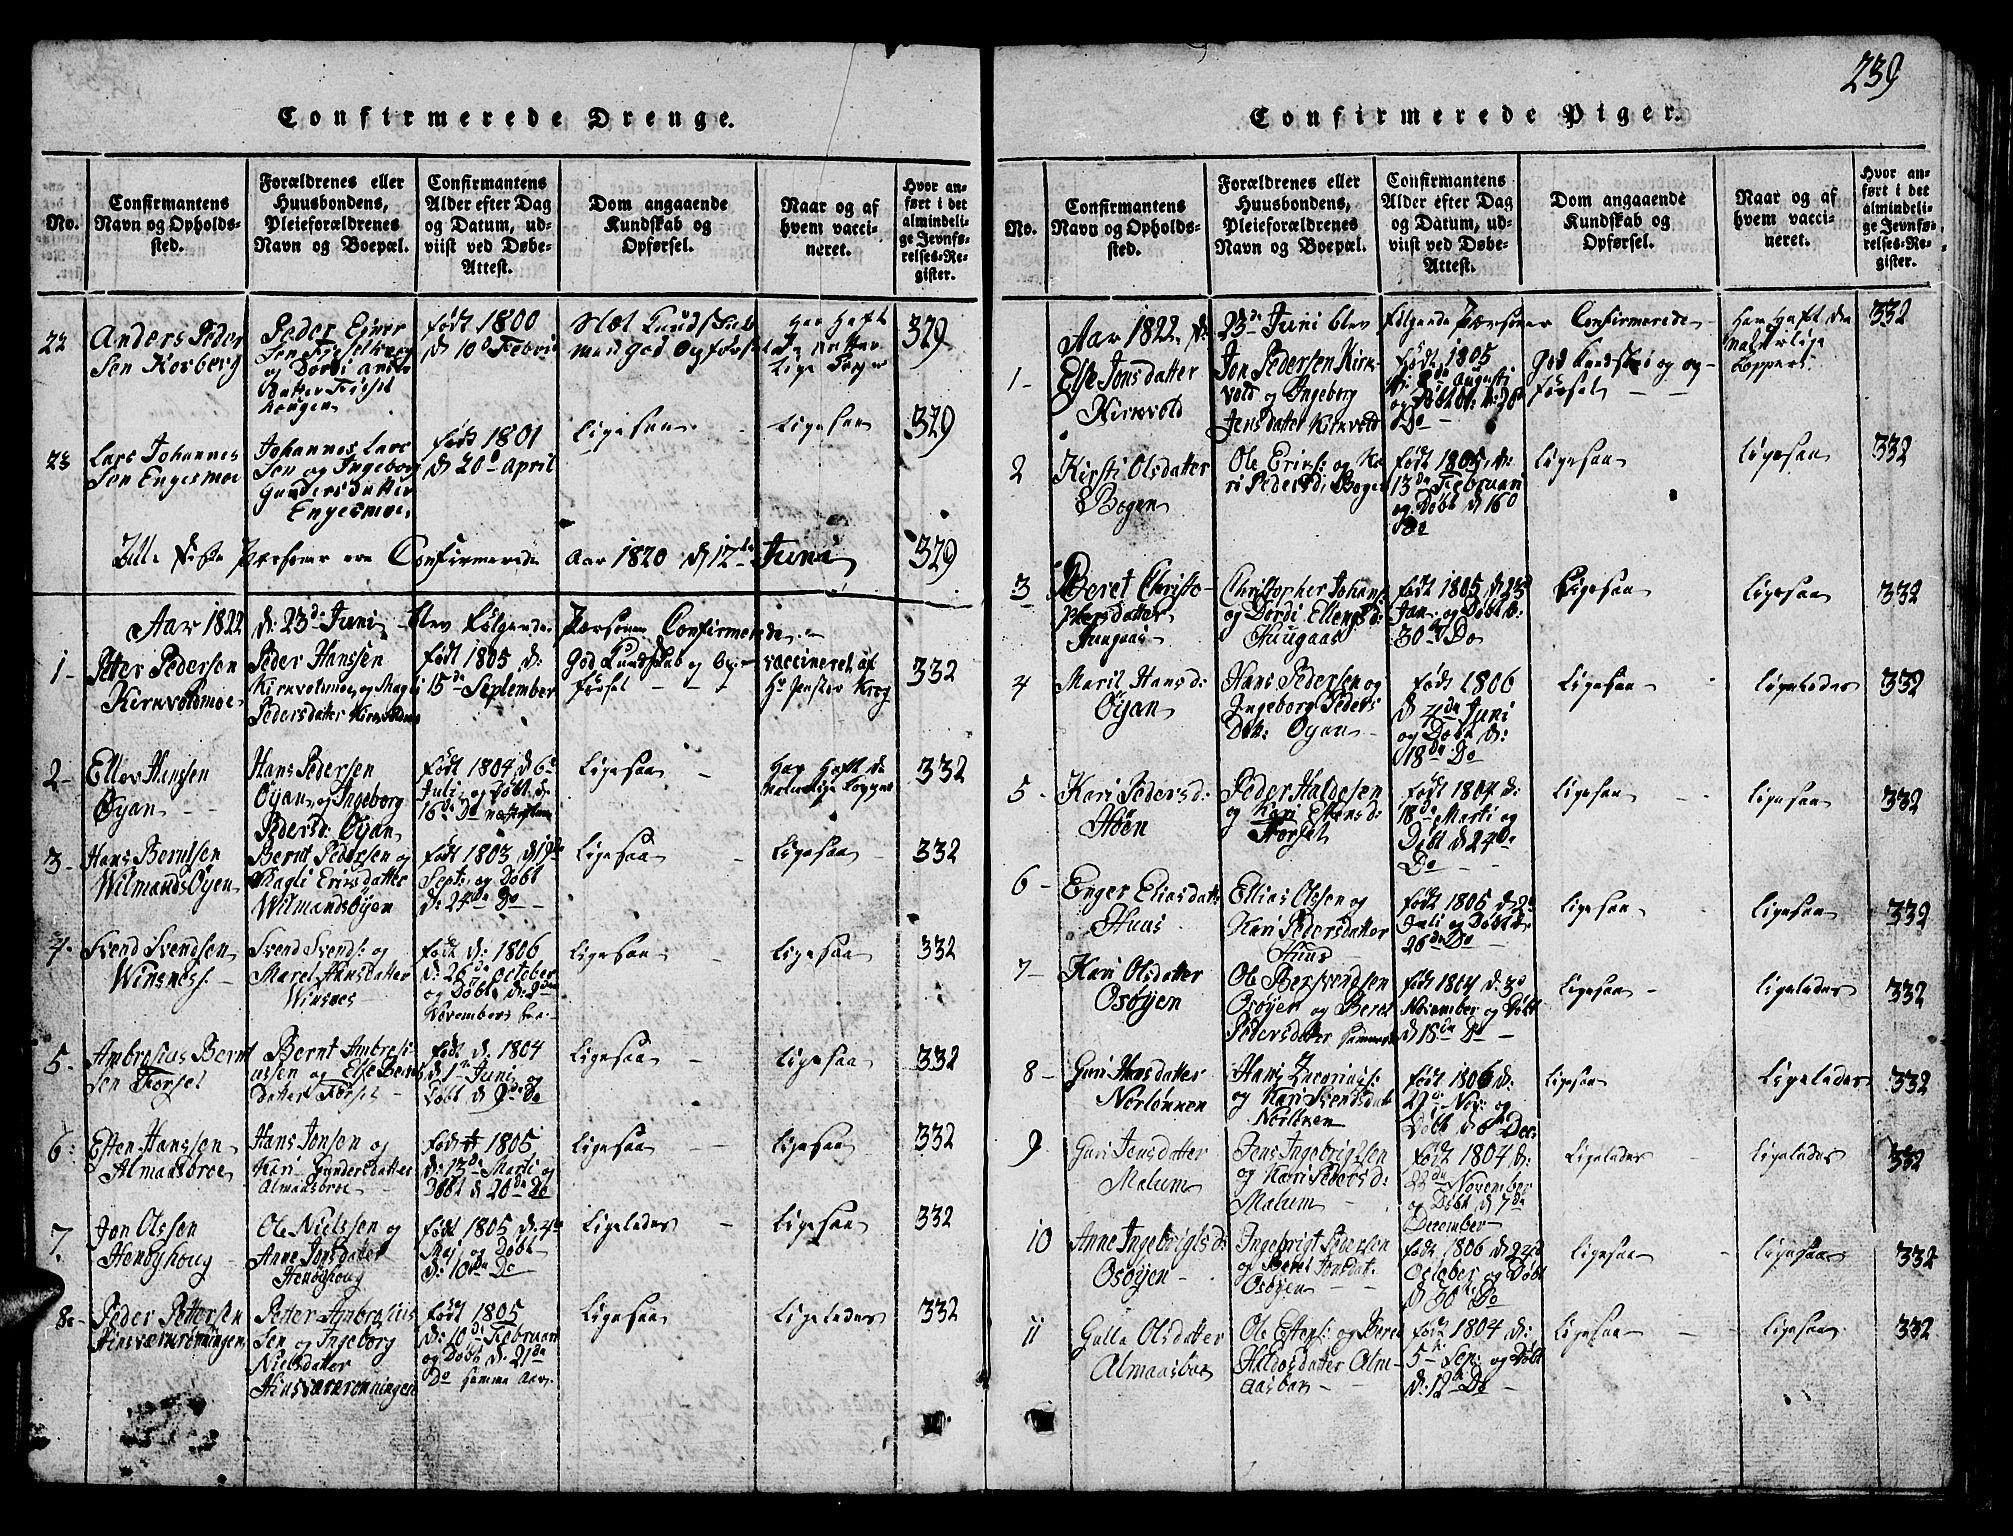 SAT, Ministerialprotokoller, klokkerbøker og fødselsregistre - Sør-Trøndelag, 688/L1026: Klokkerbok nr. 688C01, 1817-1860, s. 239